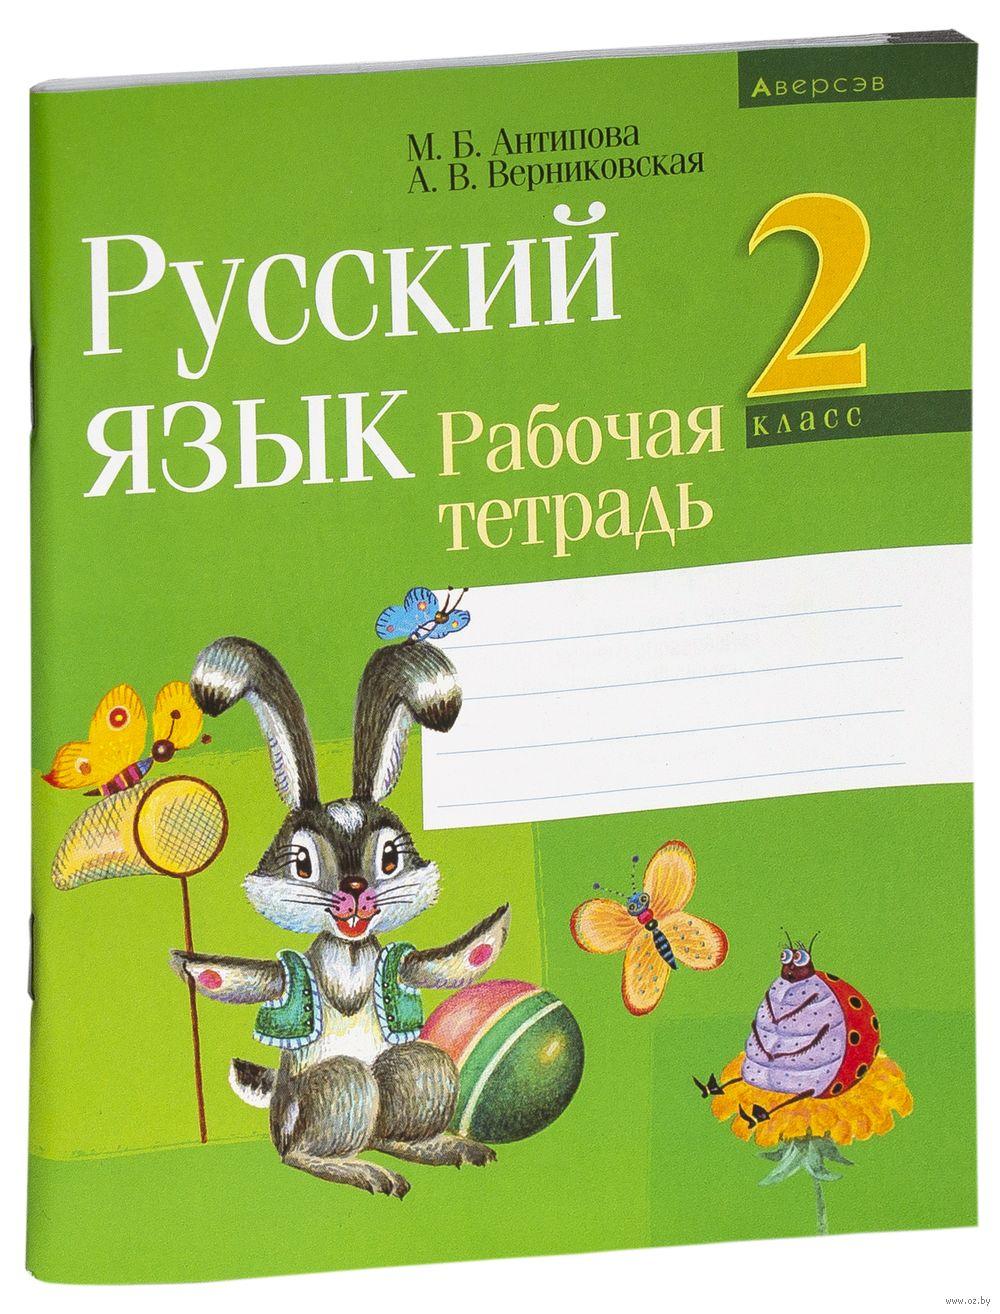 языку часть антипова класса решебник 2 по русскому 2